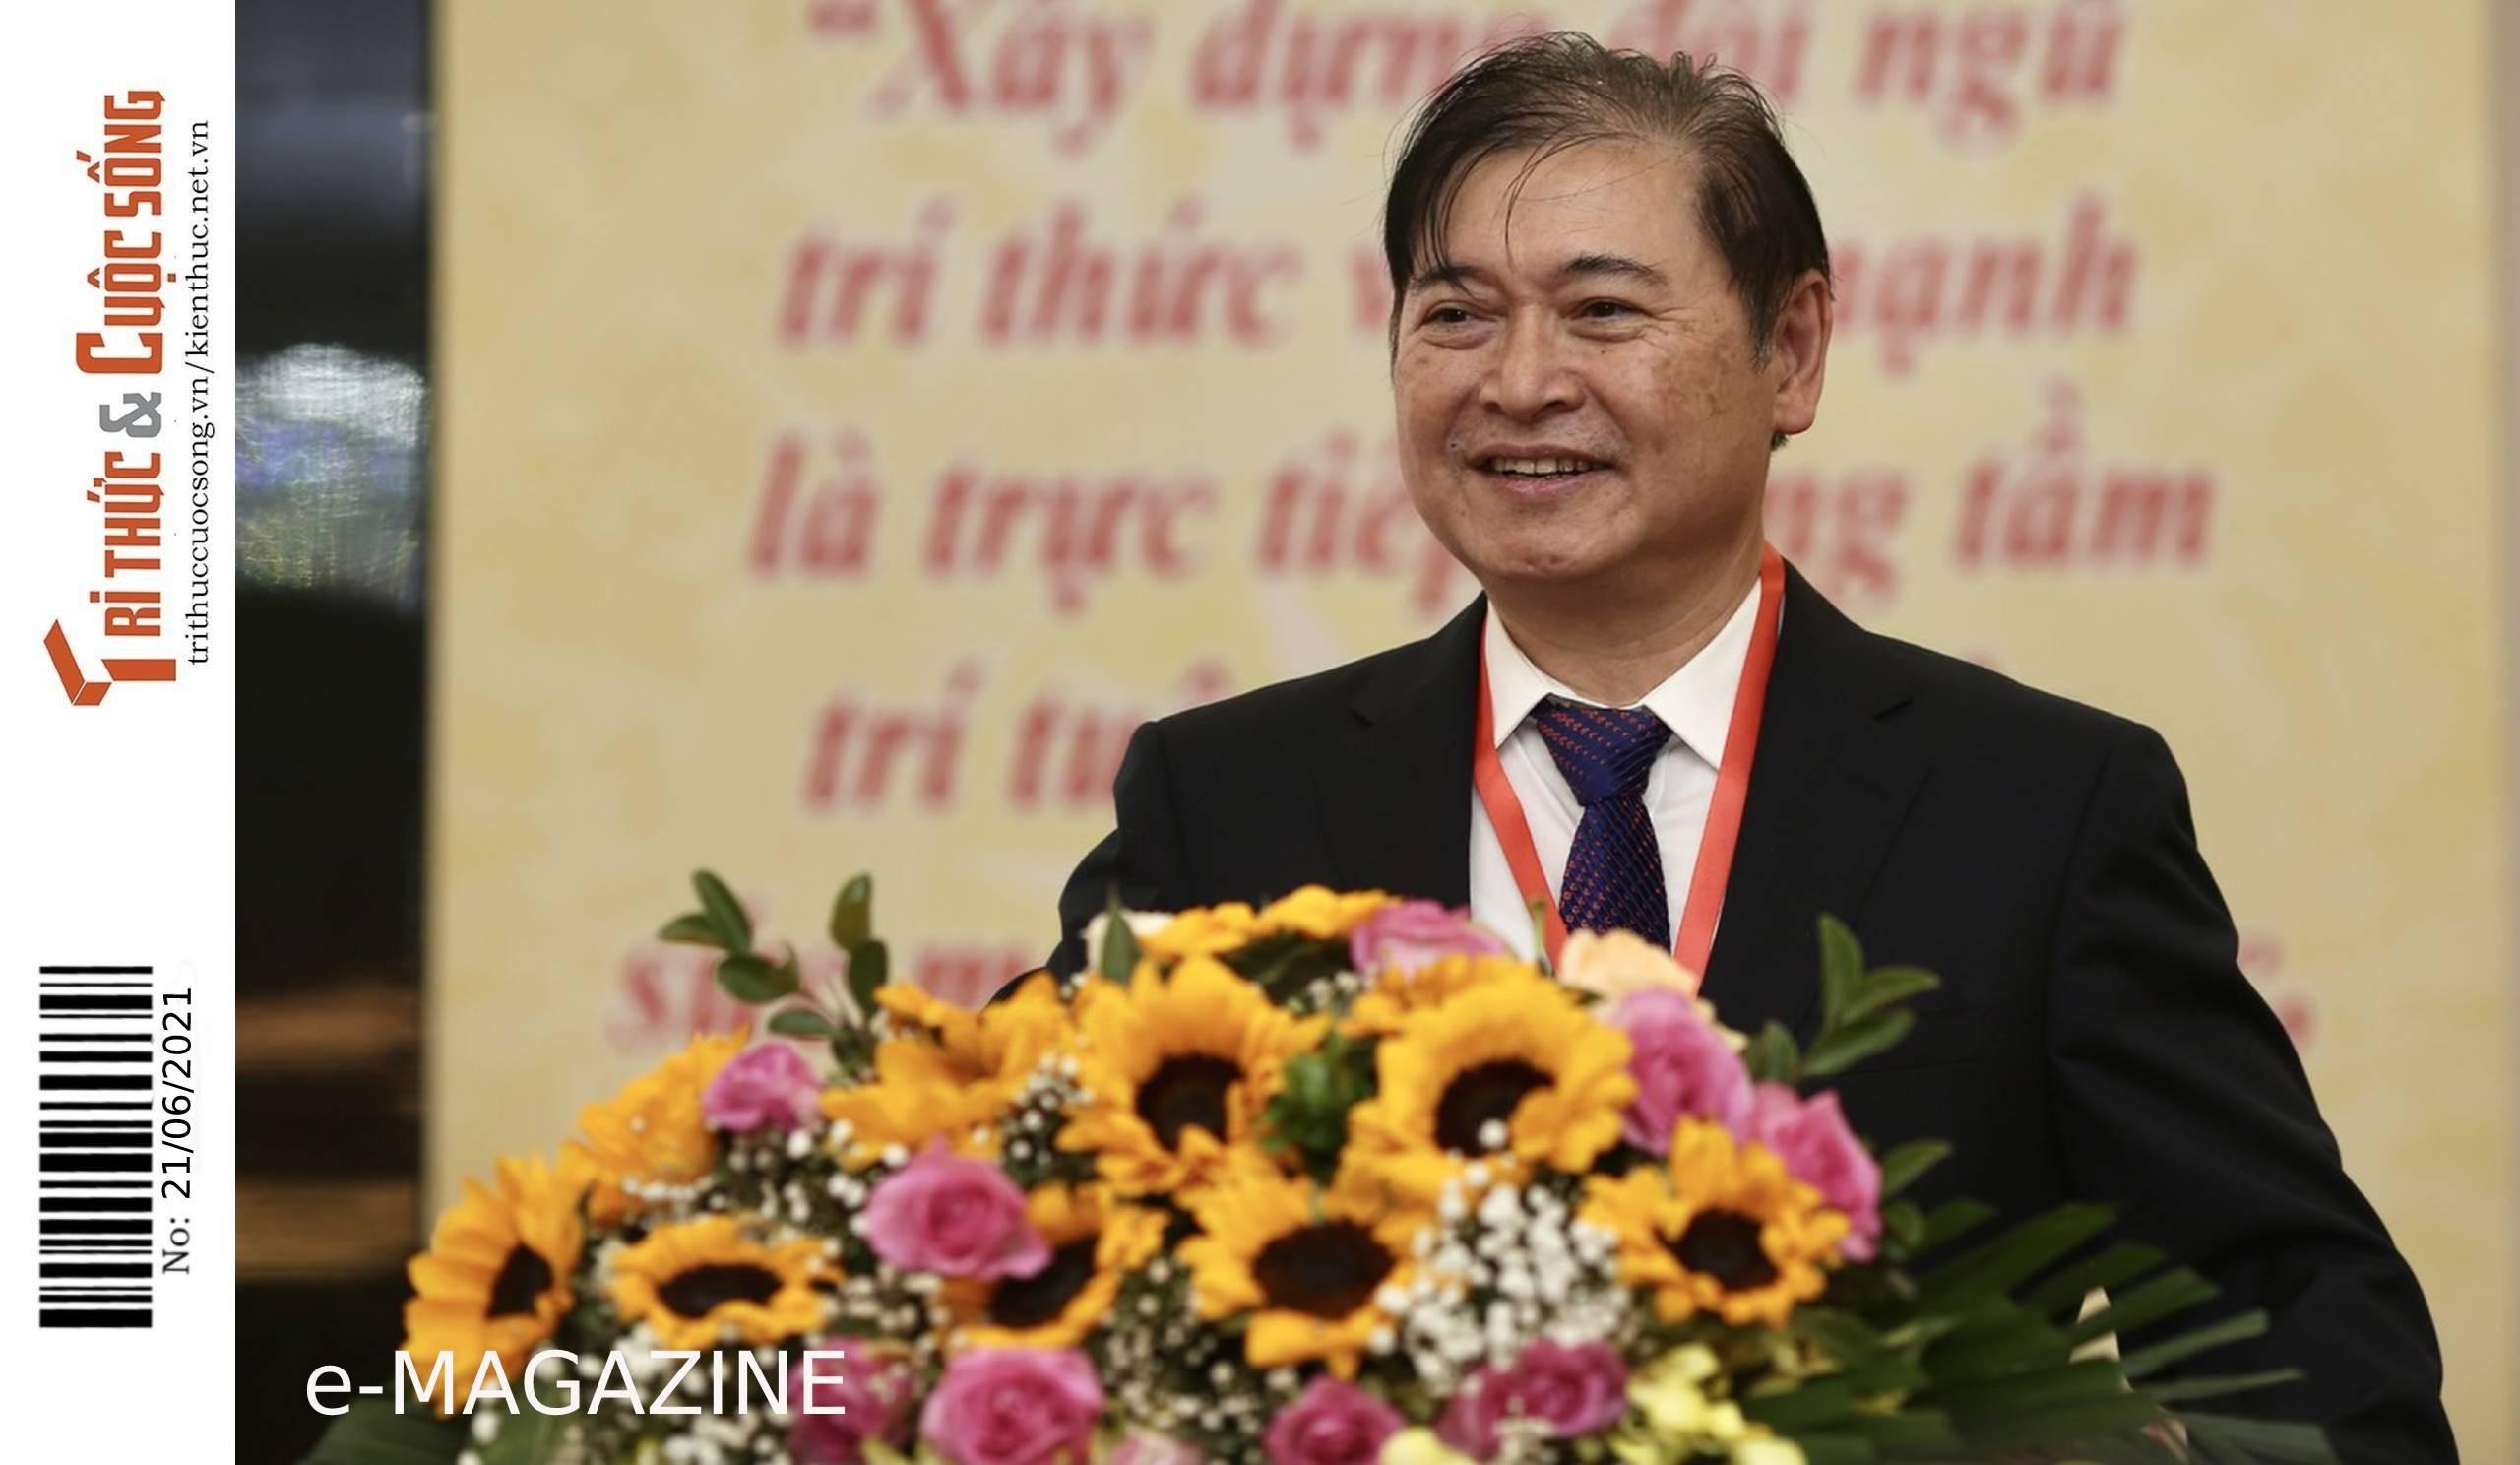 [eMagazine] Chủ tịch VUSTA Phan Xuân Dũng chúc mừng những người làm báo nhân ngày 21/6